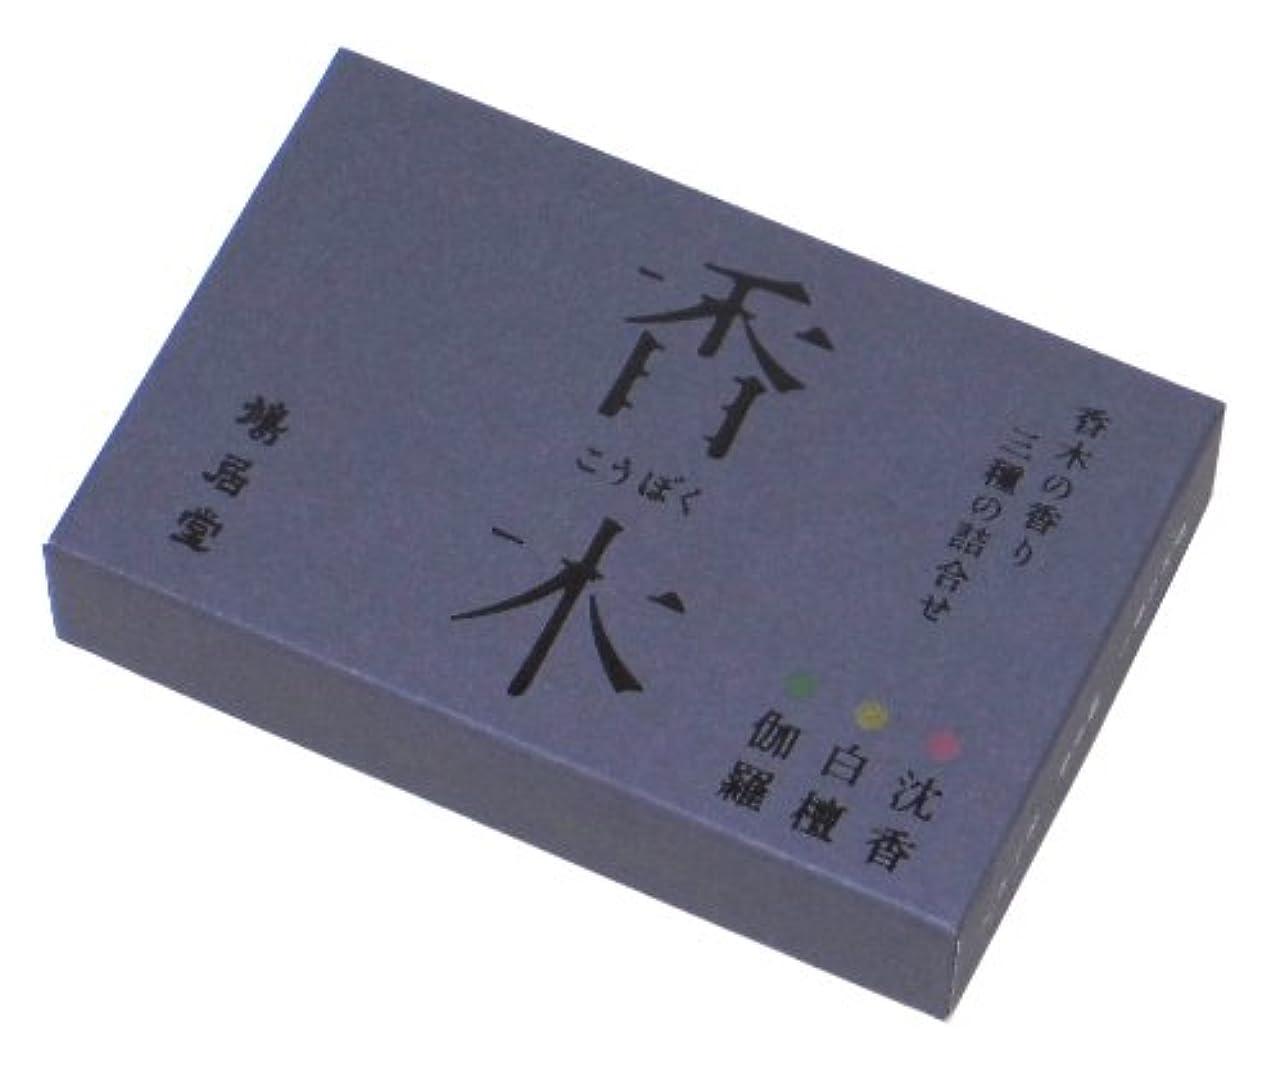 検証アブストラクトパターン鳩居堂のお香 香木の香り3種セット 3種類各10本入 6cm 香立入